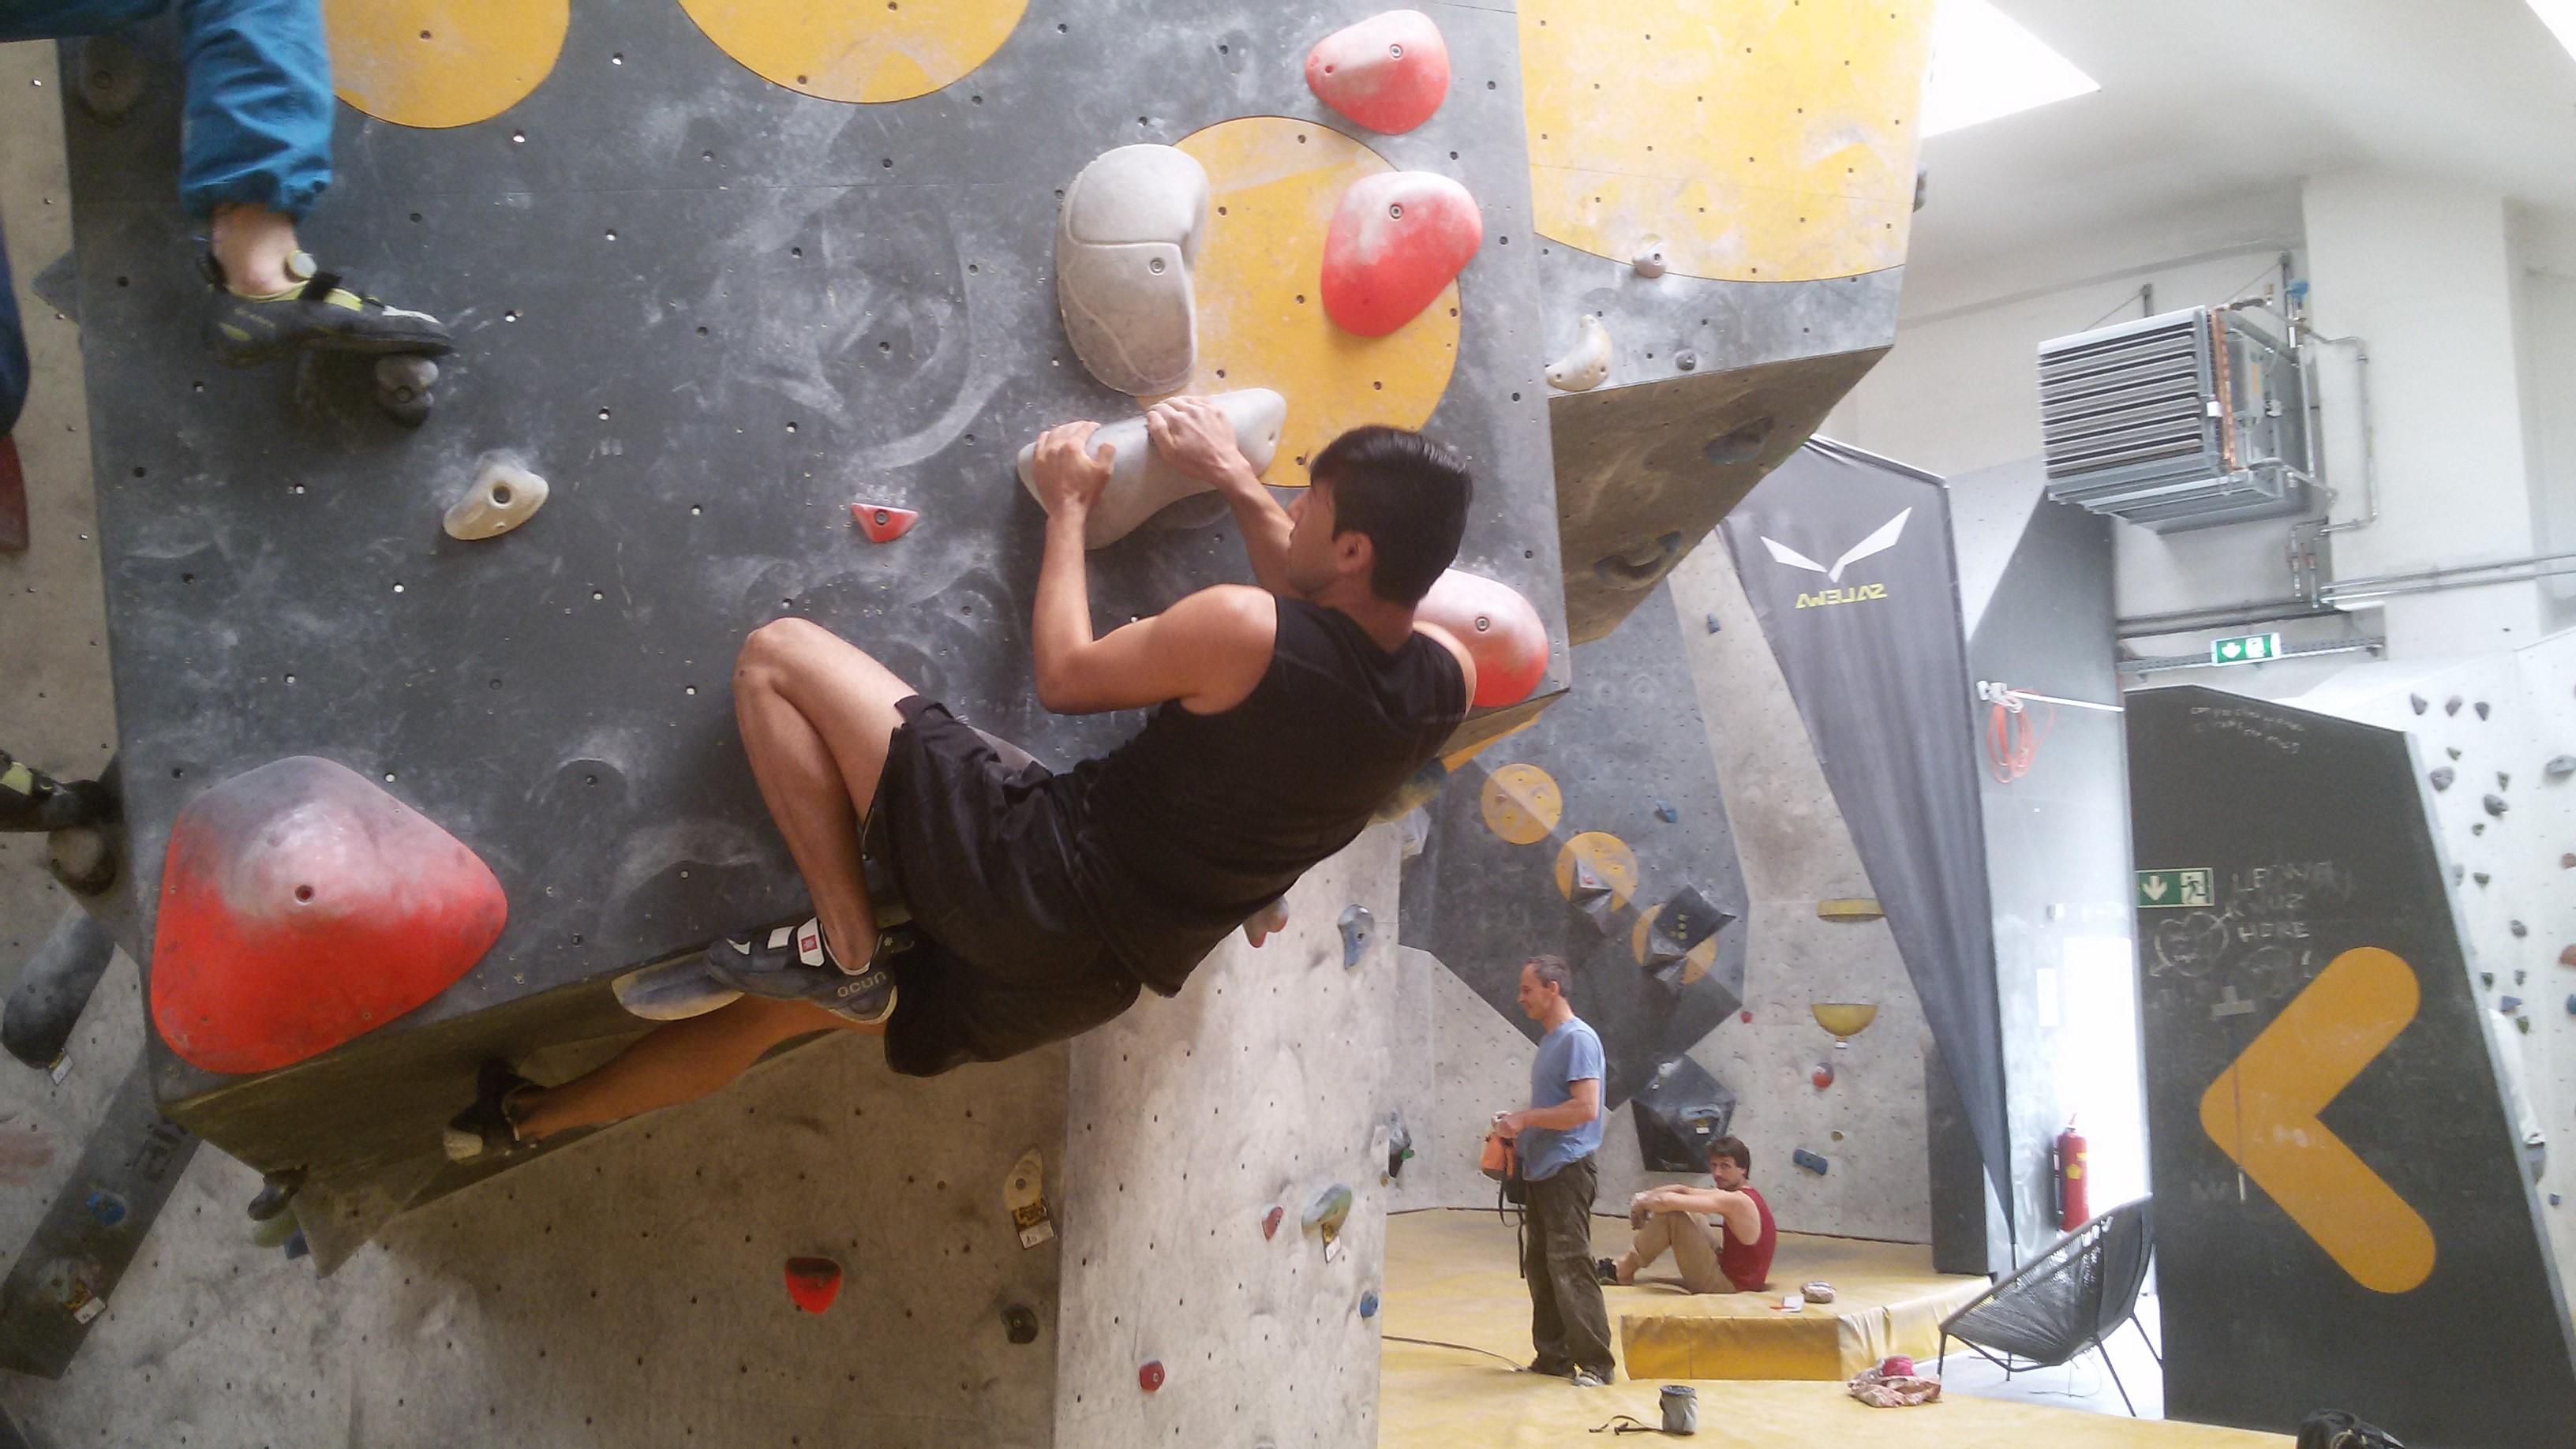 Ocun Klettergurt Instagram : Bouldern auf afghanisch dasbiber